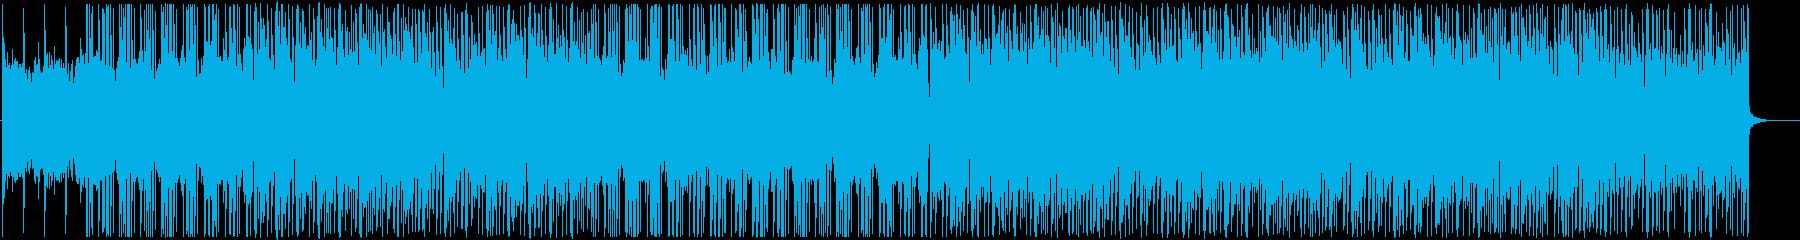 PV等浮遊間のあるチルホップ-エレクトロの再生済みの波形